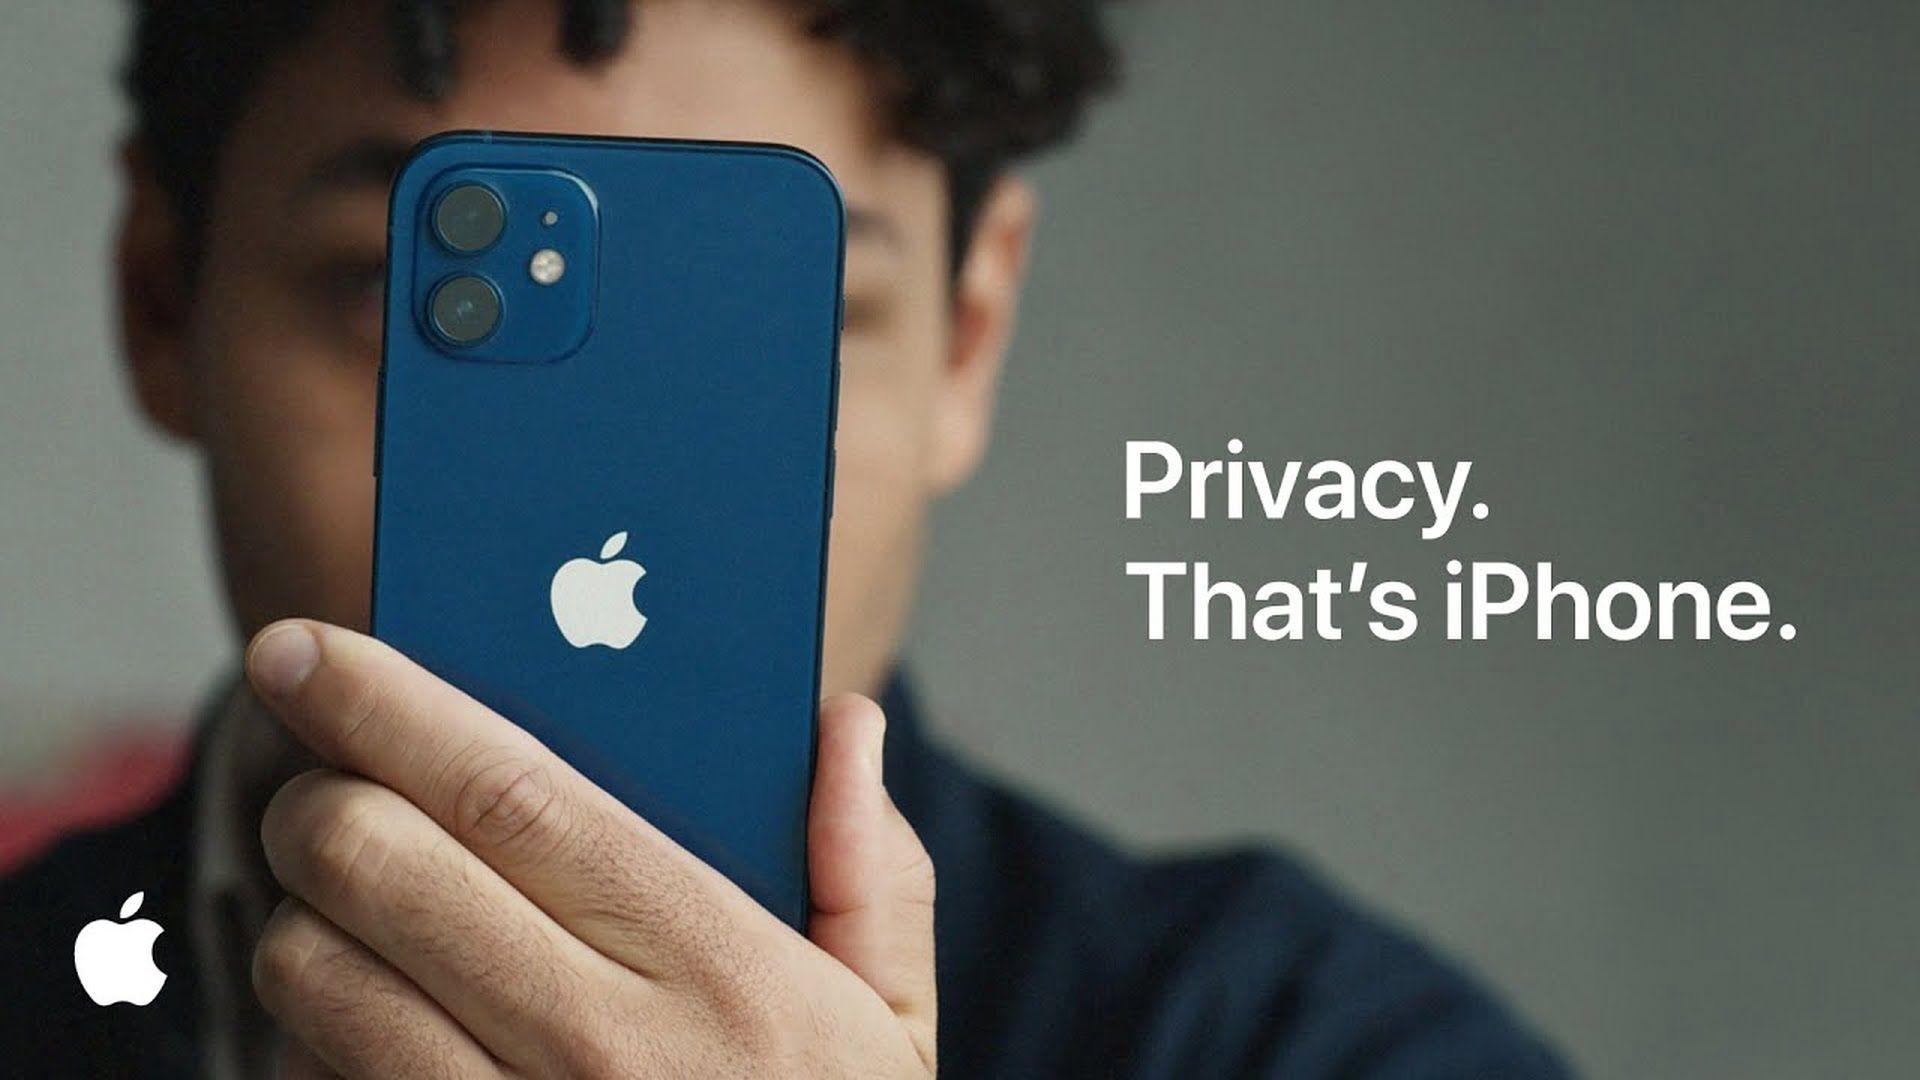 Nowa reklama na temat zabezpieczeń prywatności w iOS